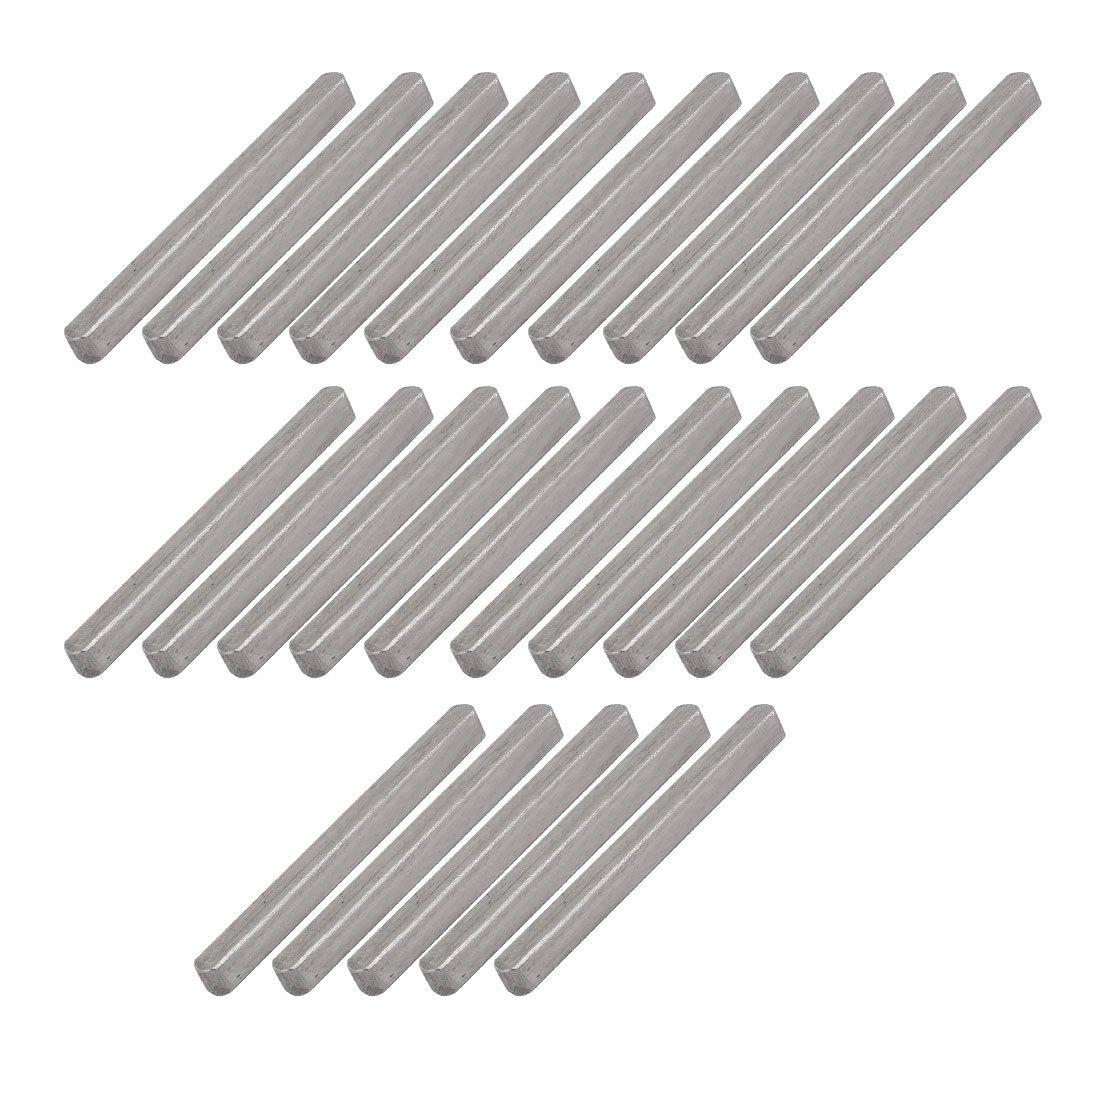 uxcell 45mmx4mmx4mm Carbon Steel Key Stock Keystock Gray 25pcs